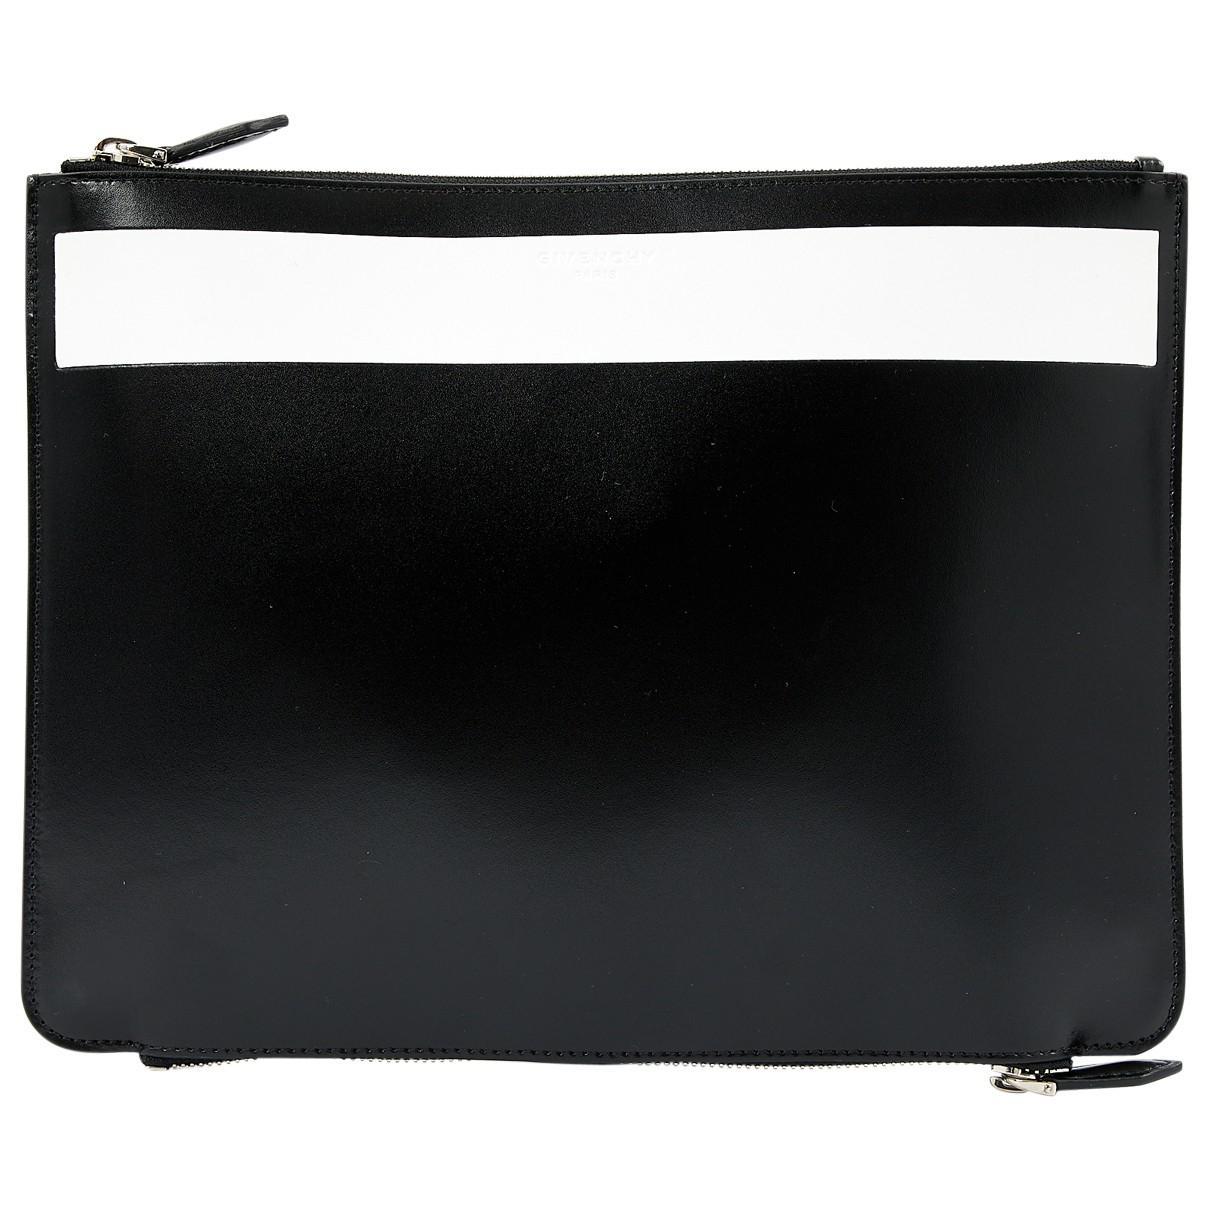 Lee Savage Pre-owned - Leather handbag bG4vA4